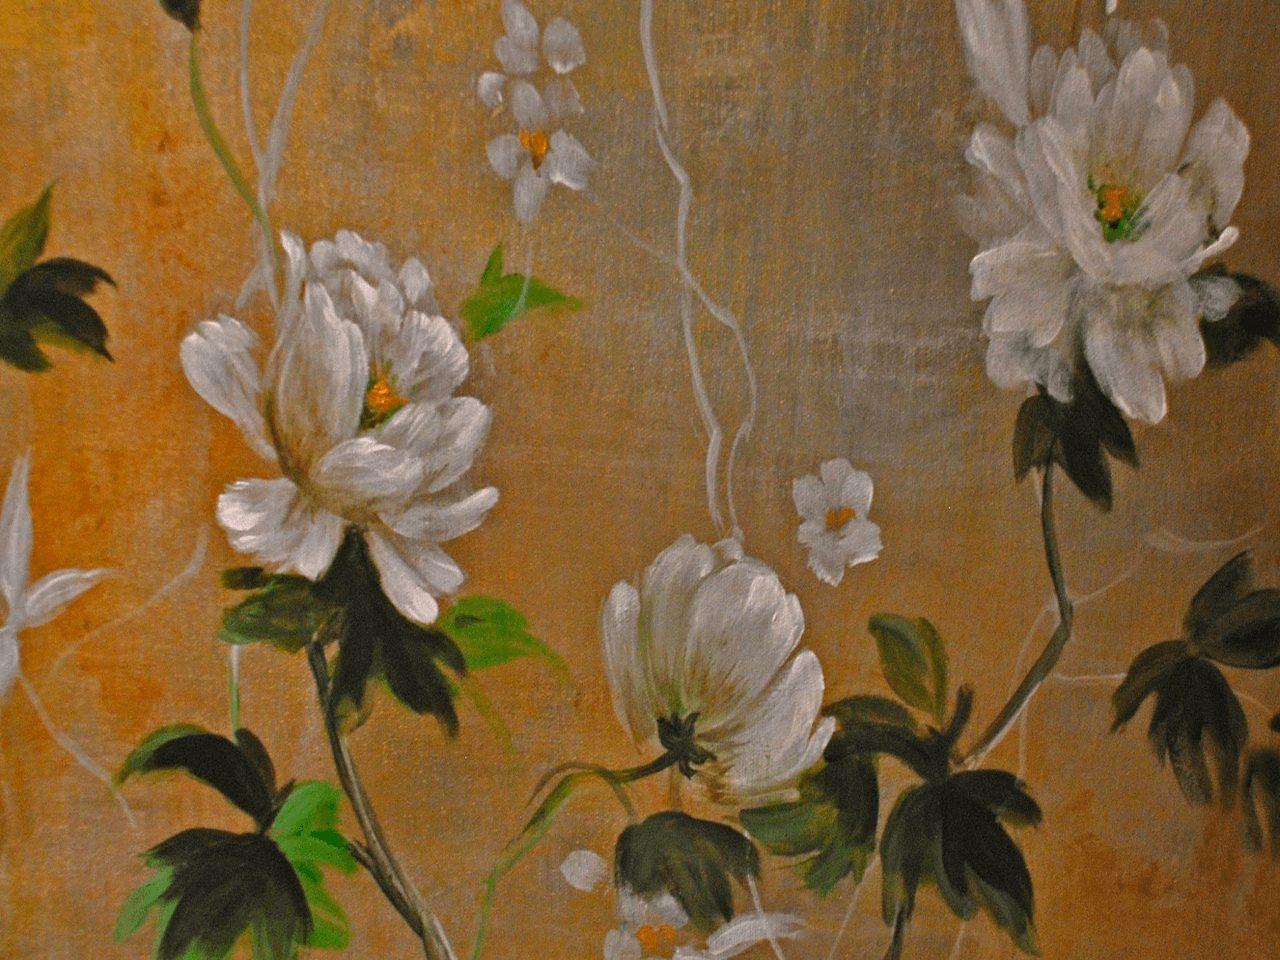 Telas-pintadas-a-mano-chinoiserie-pintora-artistica-Carol-Moreno-acrilico-wall-art-muralista-pintora-